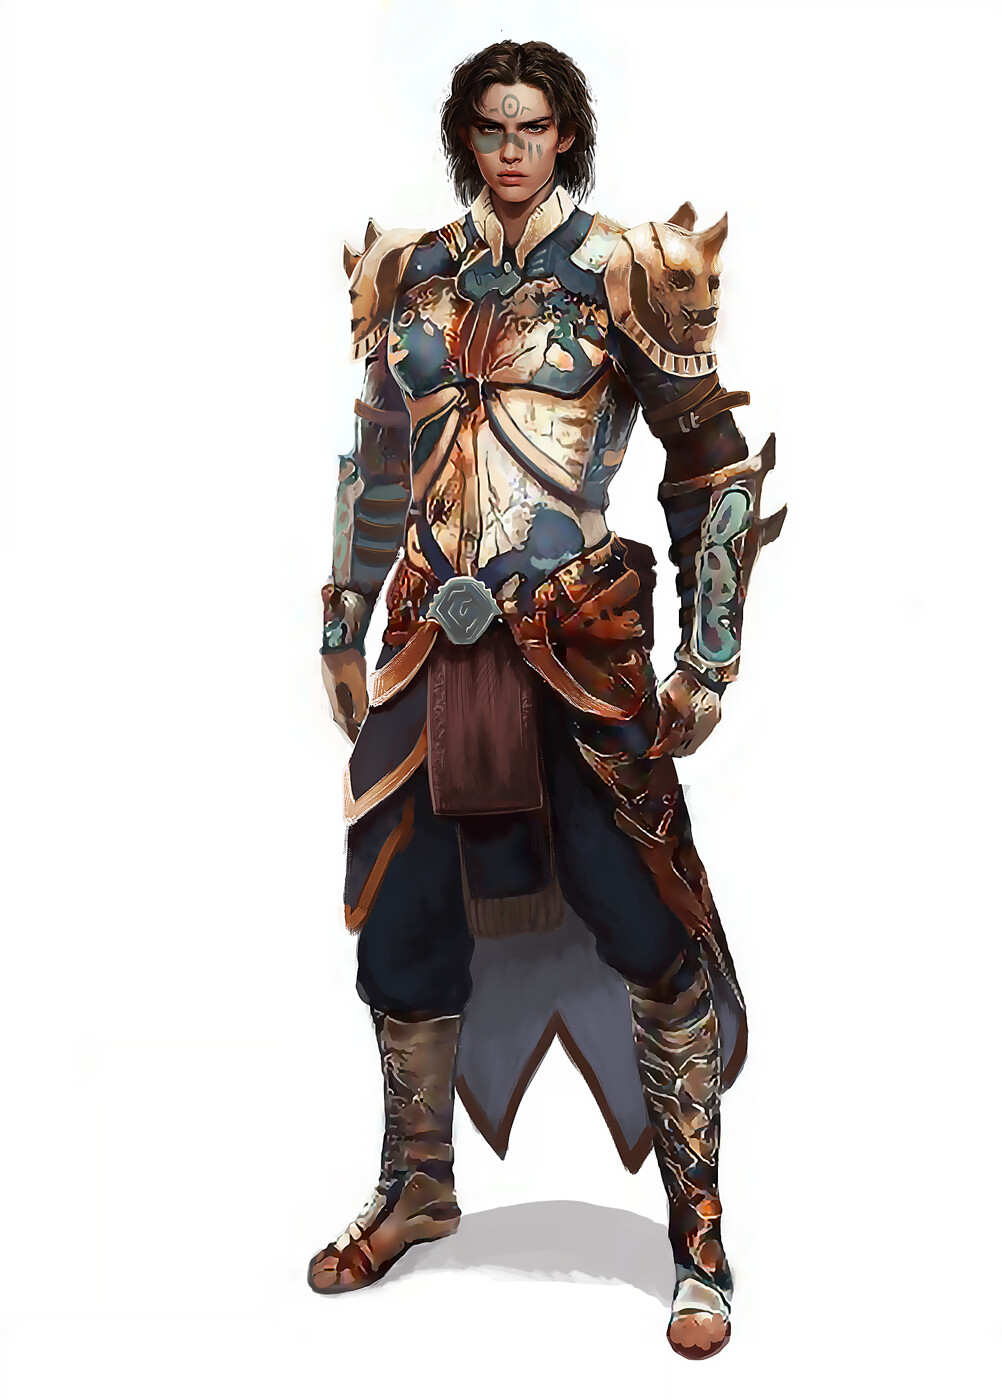 Project AD - Costume Design